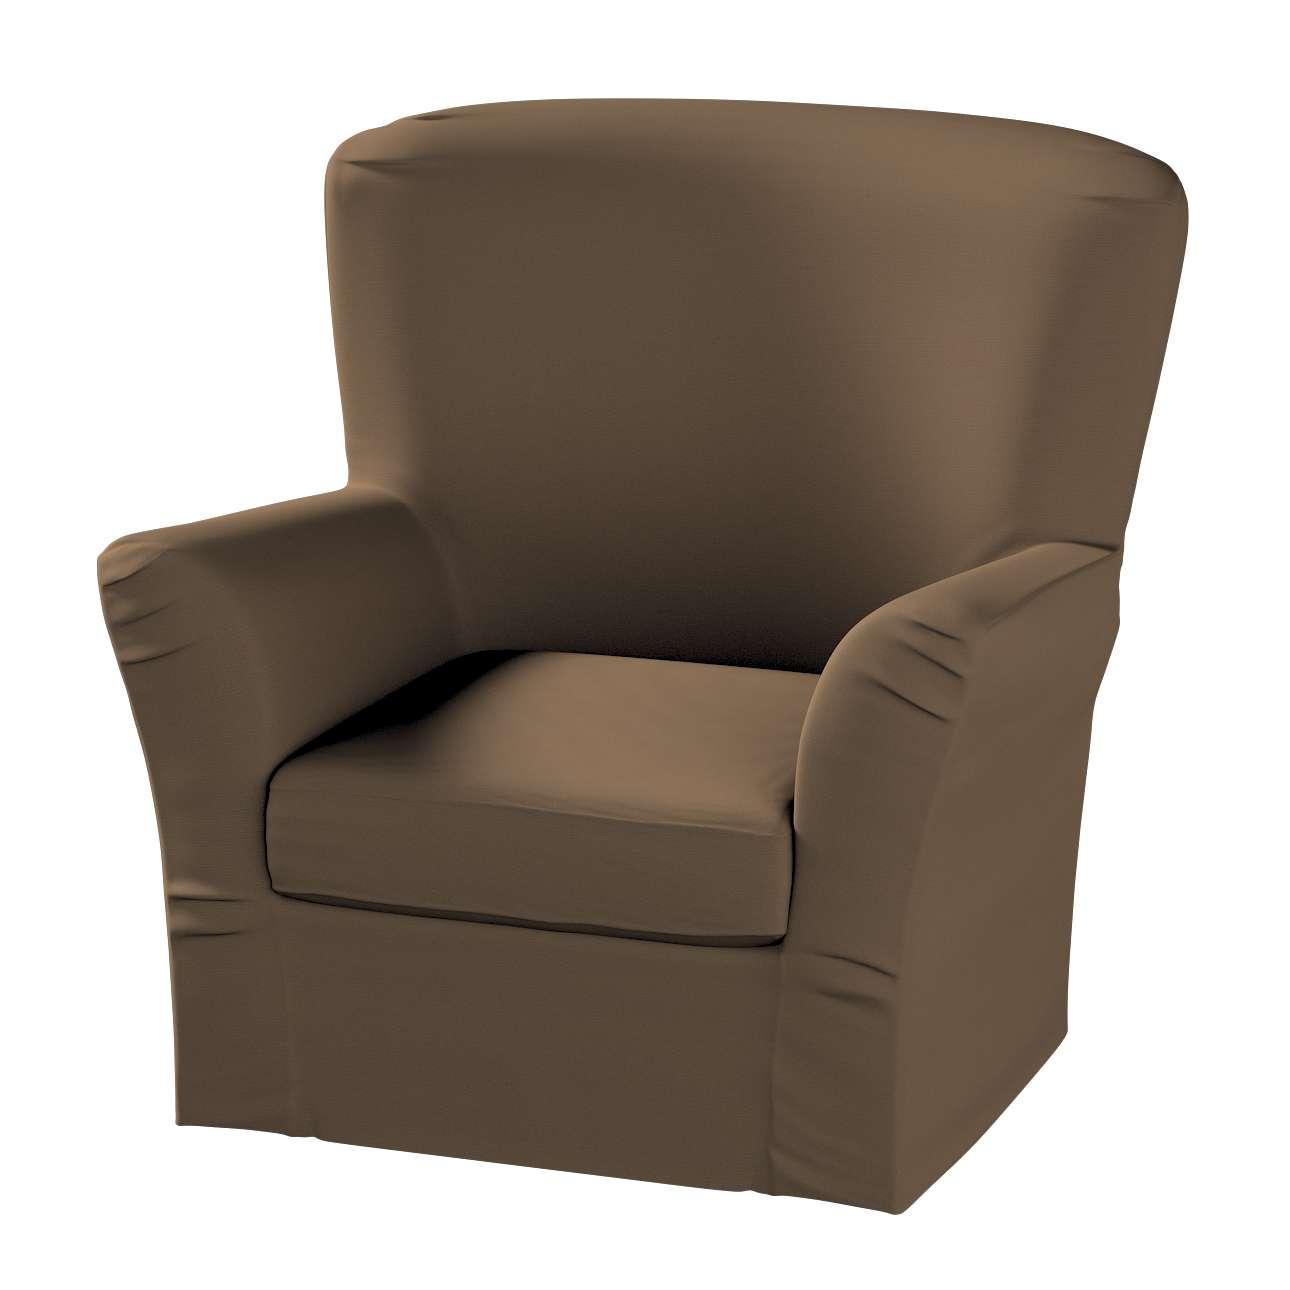 Pokrowiec na fotel Tomelilla z zakładkami fotel Tomelilla w kolekcji Cotton Panama, tkanina: 702-02